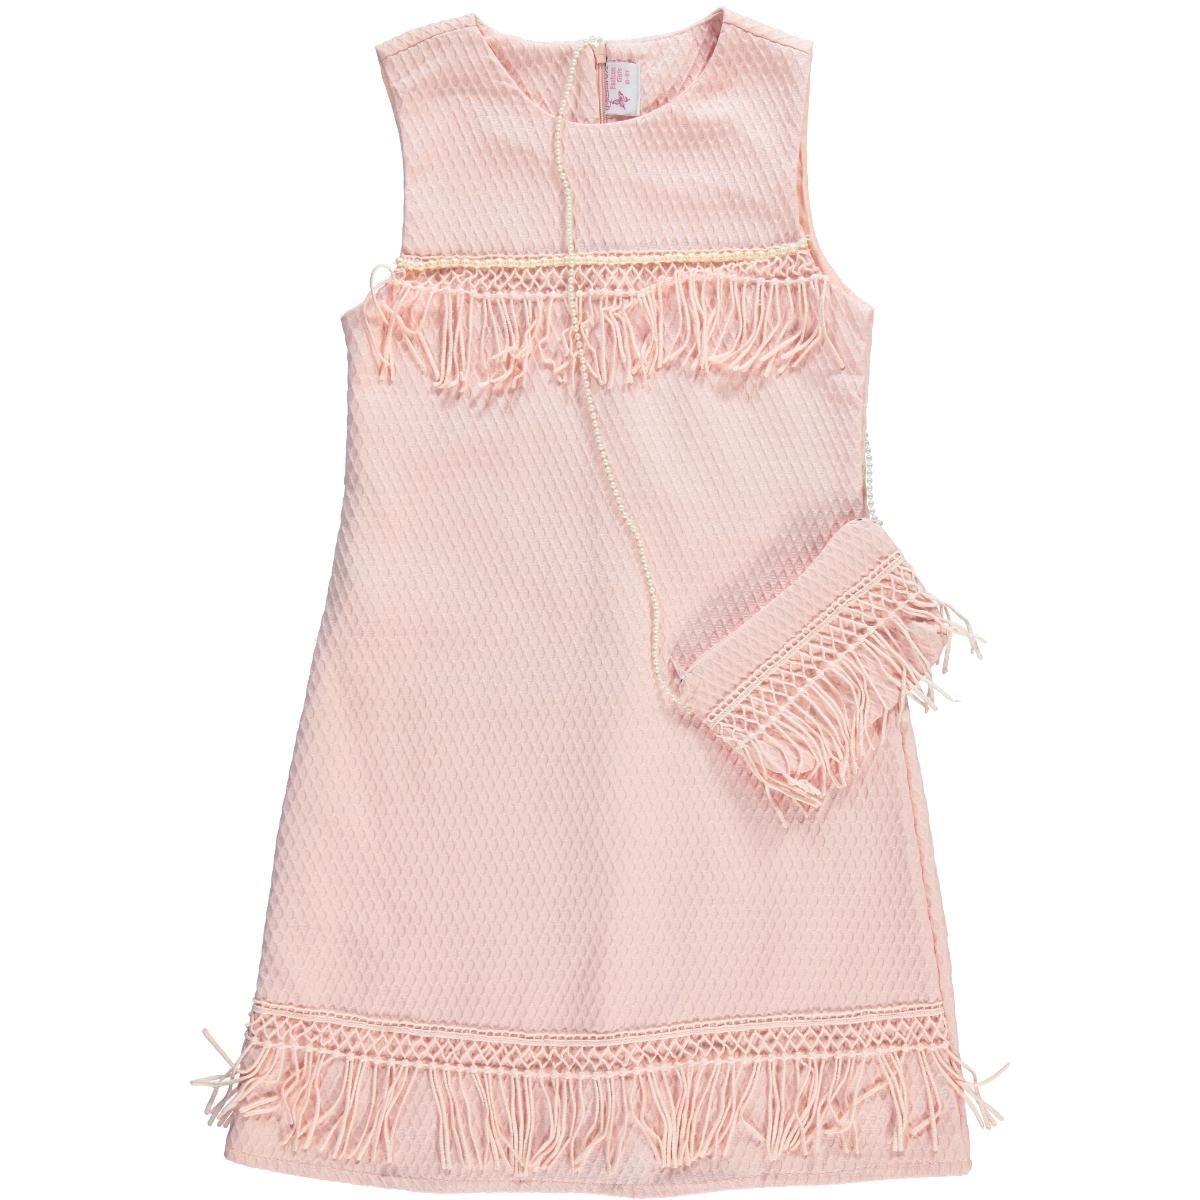 14be1de82e130 18059 / PDR Missiva Kız Çocuk Elbise 10-13 Yaş Pudra Pembe